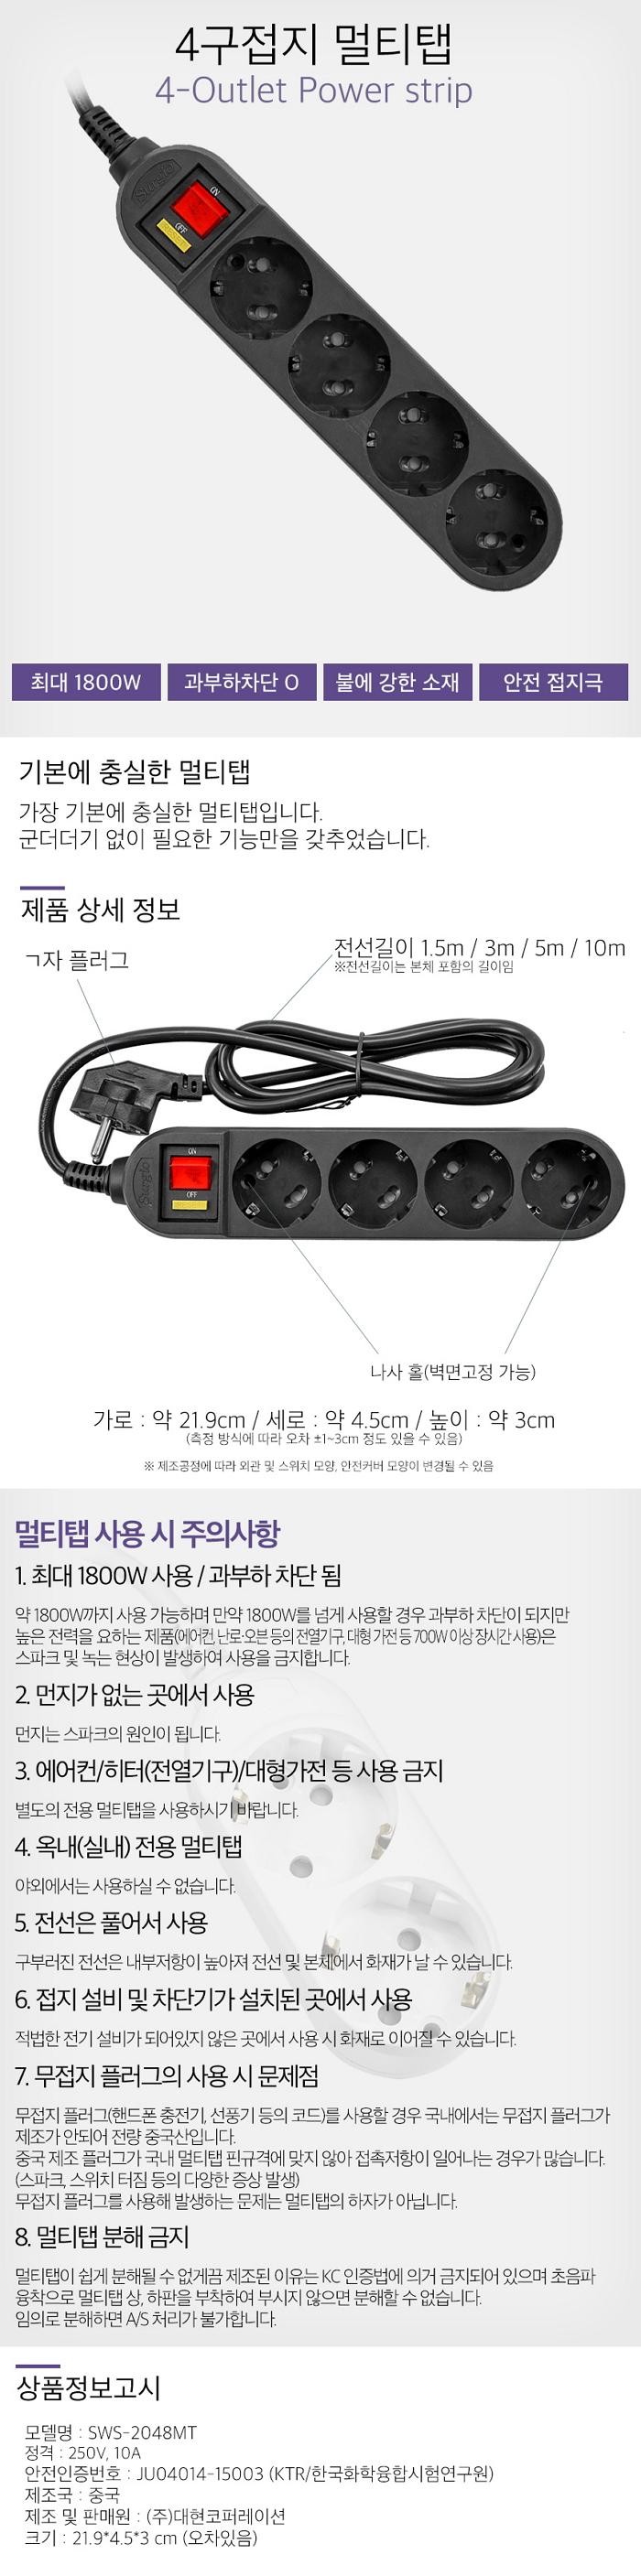 대현코퍼레이션 써지오 4구 10A 메인스위치 멀티탭 블랙 (3m)